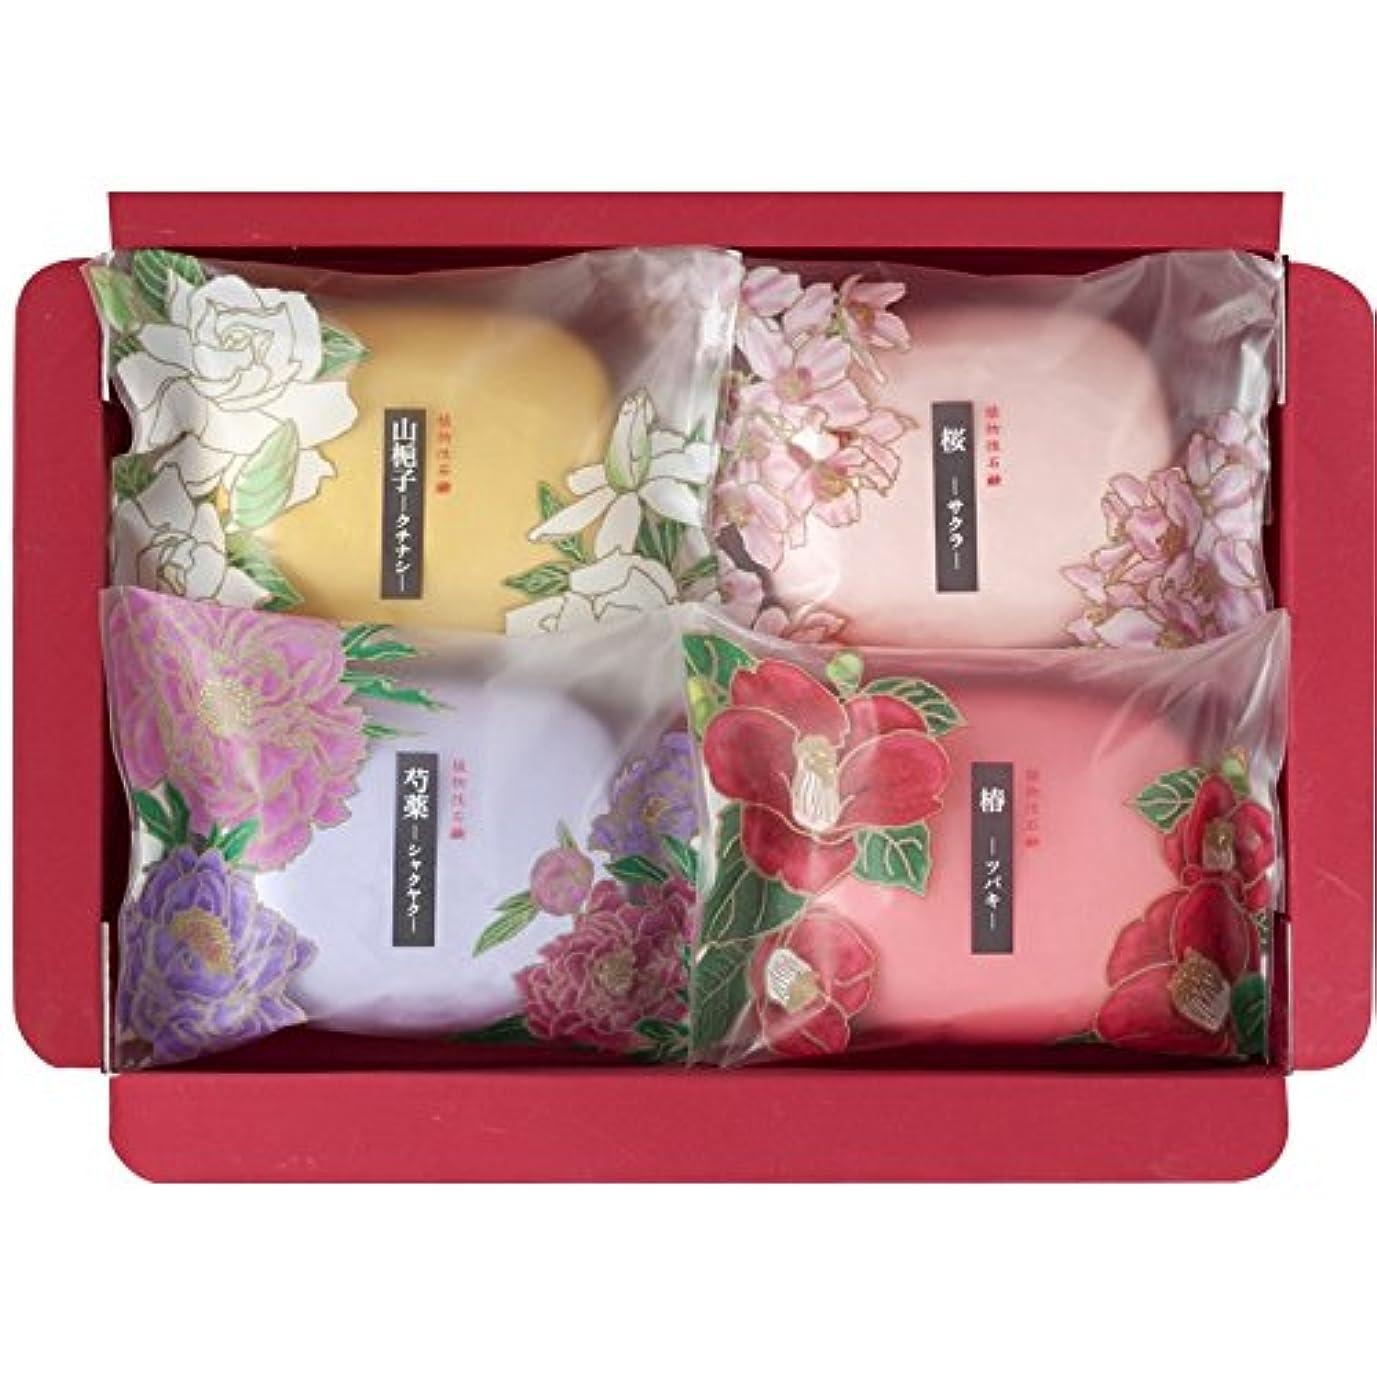 一時的うっかり収束する彩花だより SAK-05 【石けん 石鹸 うるおい いい香り 固形 詰め合わせ セット 良い香り 美容 個包装 肌に優しい 日本製】